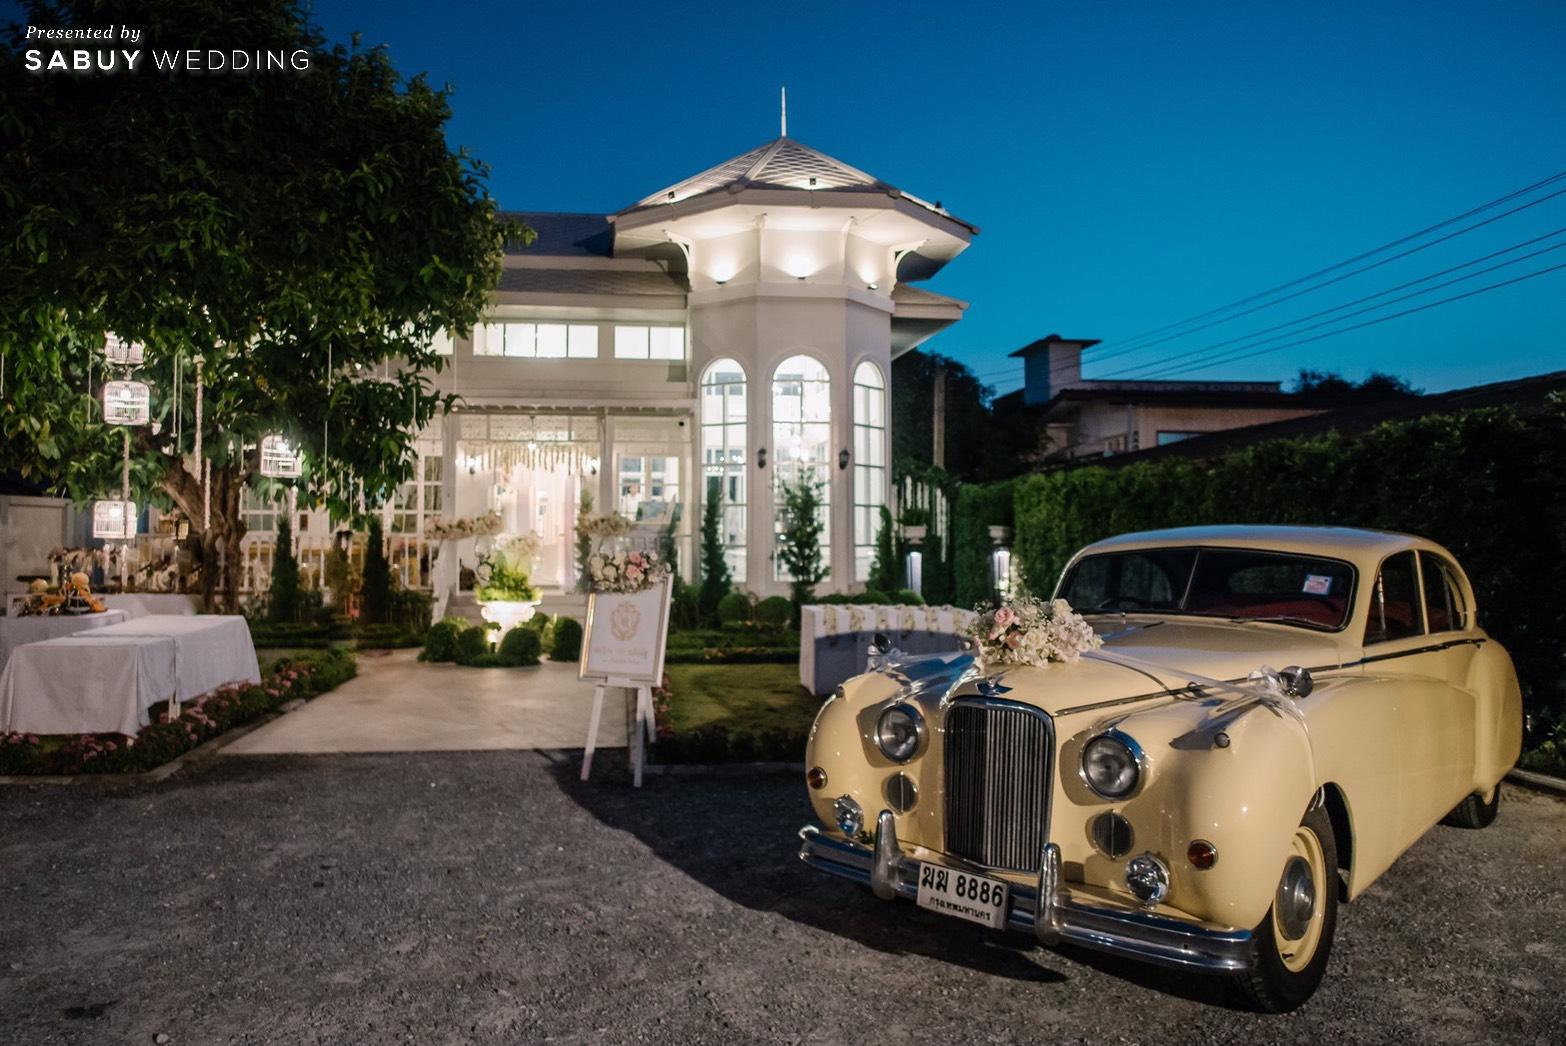 House of Chandra ,สถานที่แต่งงานนครปฐม รีวิวงานแต่งเสน่ห์ไทย ในสถานที่สไตล์โคโลเนียล @ House of Chandra